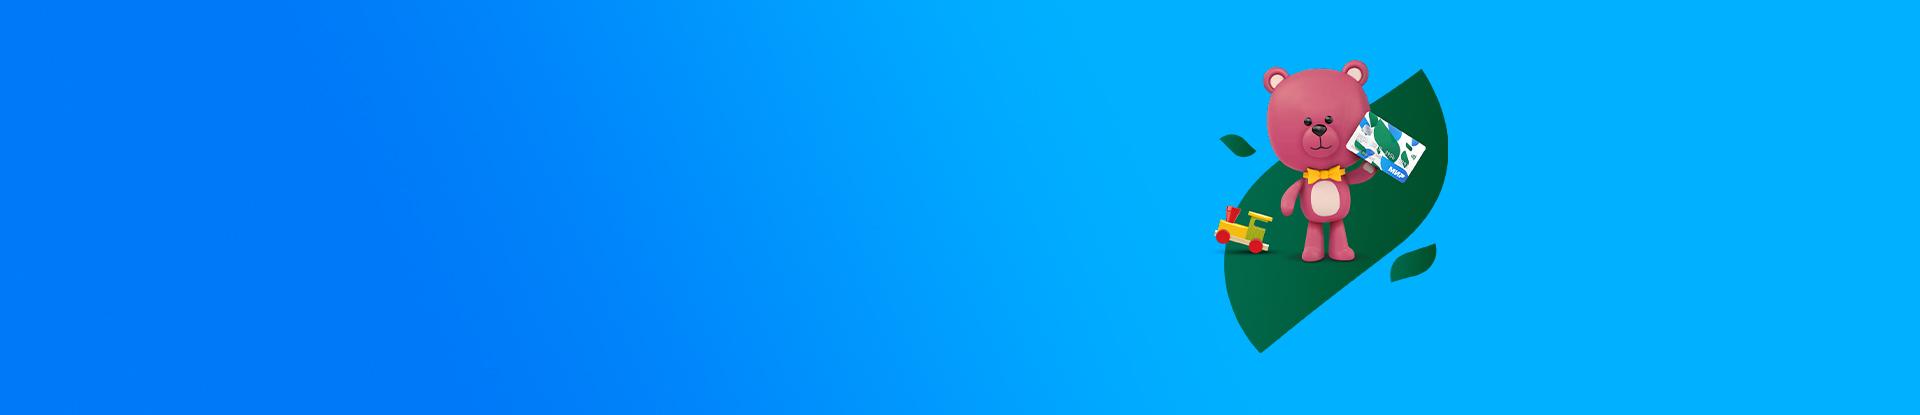 Скидка 5% при пополнении лицевого счёта «Москвёнок» картой «Мир»